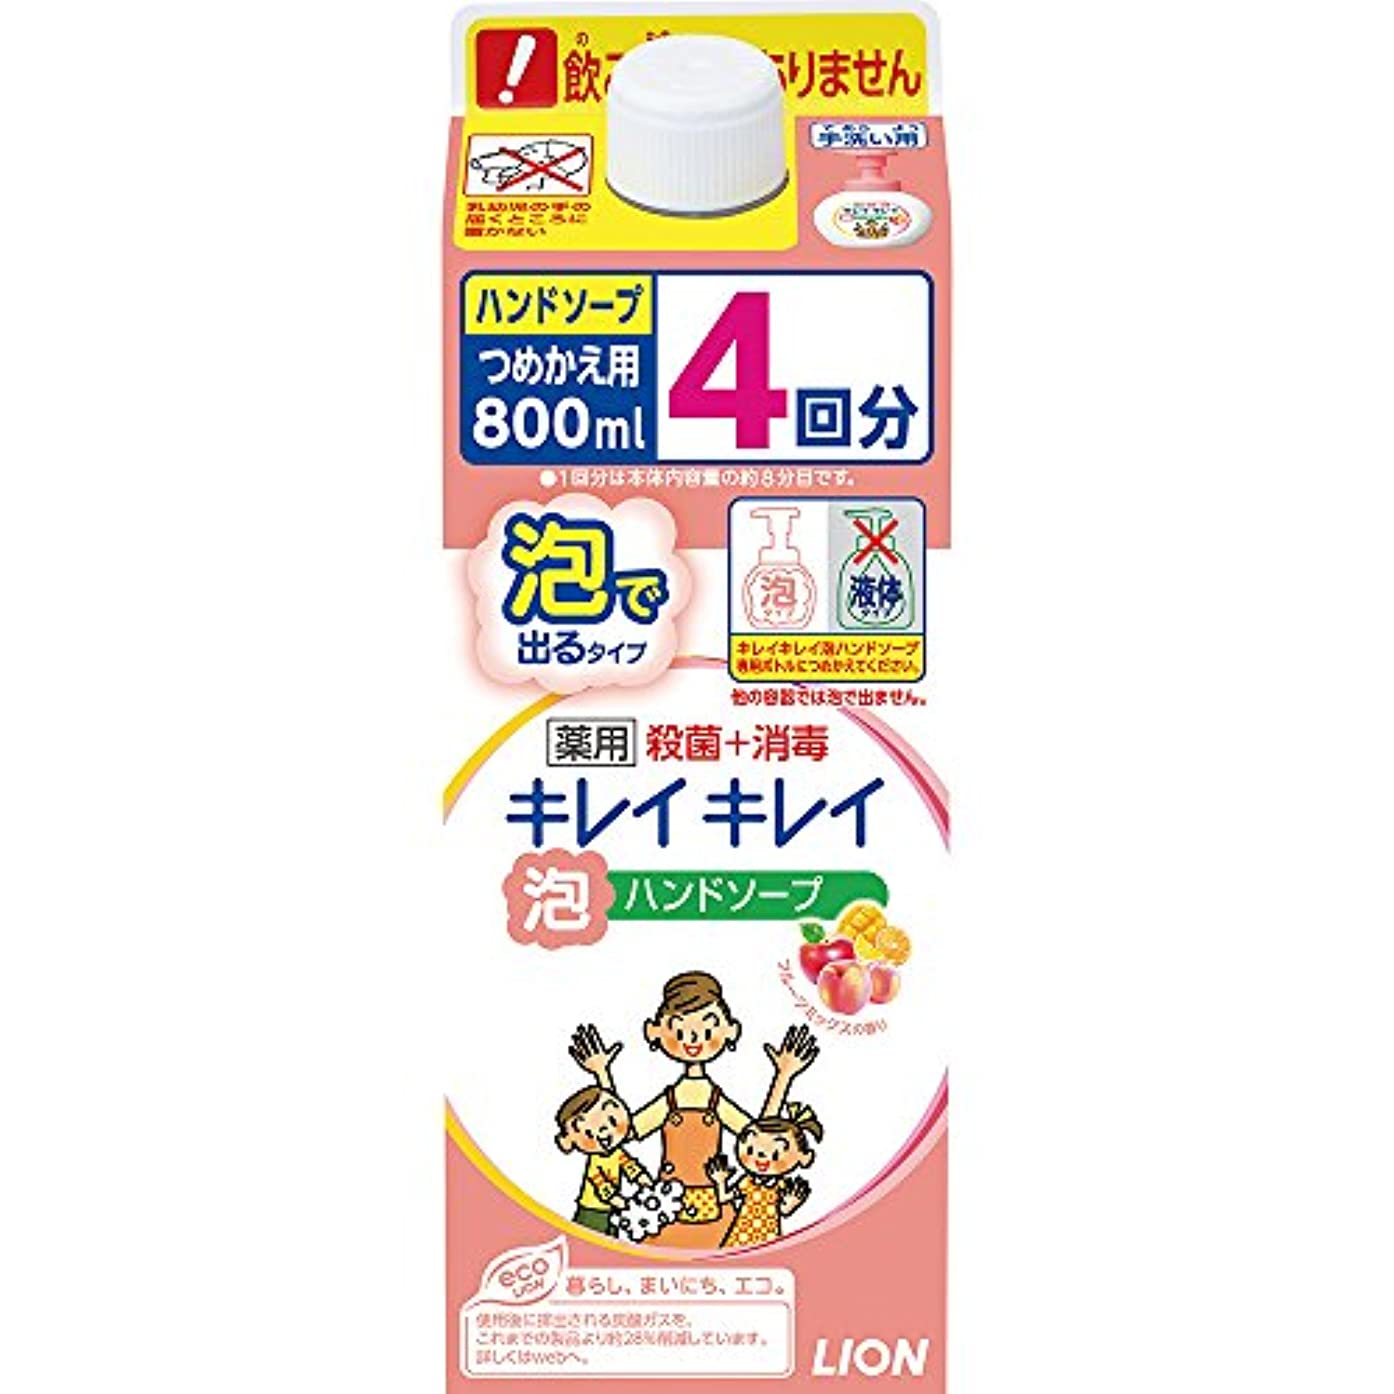 バーター飢騙すキレイキレイ 薬用 泡ハンドソープ フルーツミックスの香り 詰め替え特大サイズ 800ml(医薬部外品)